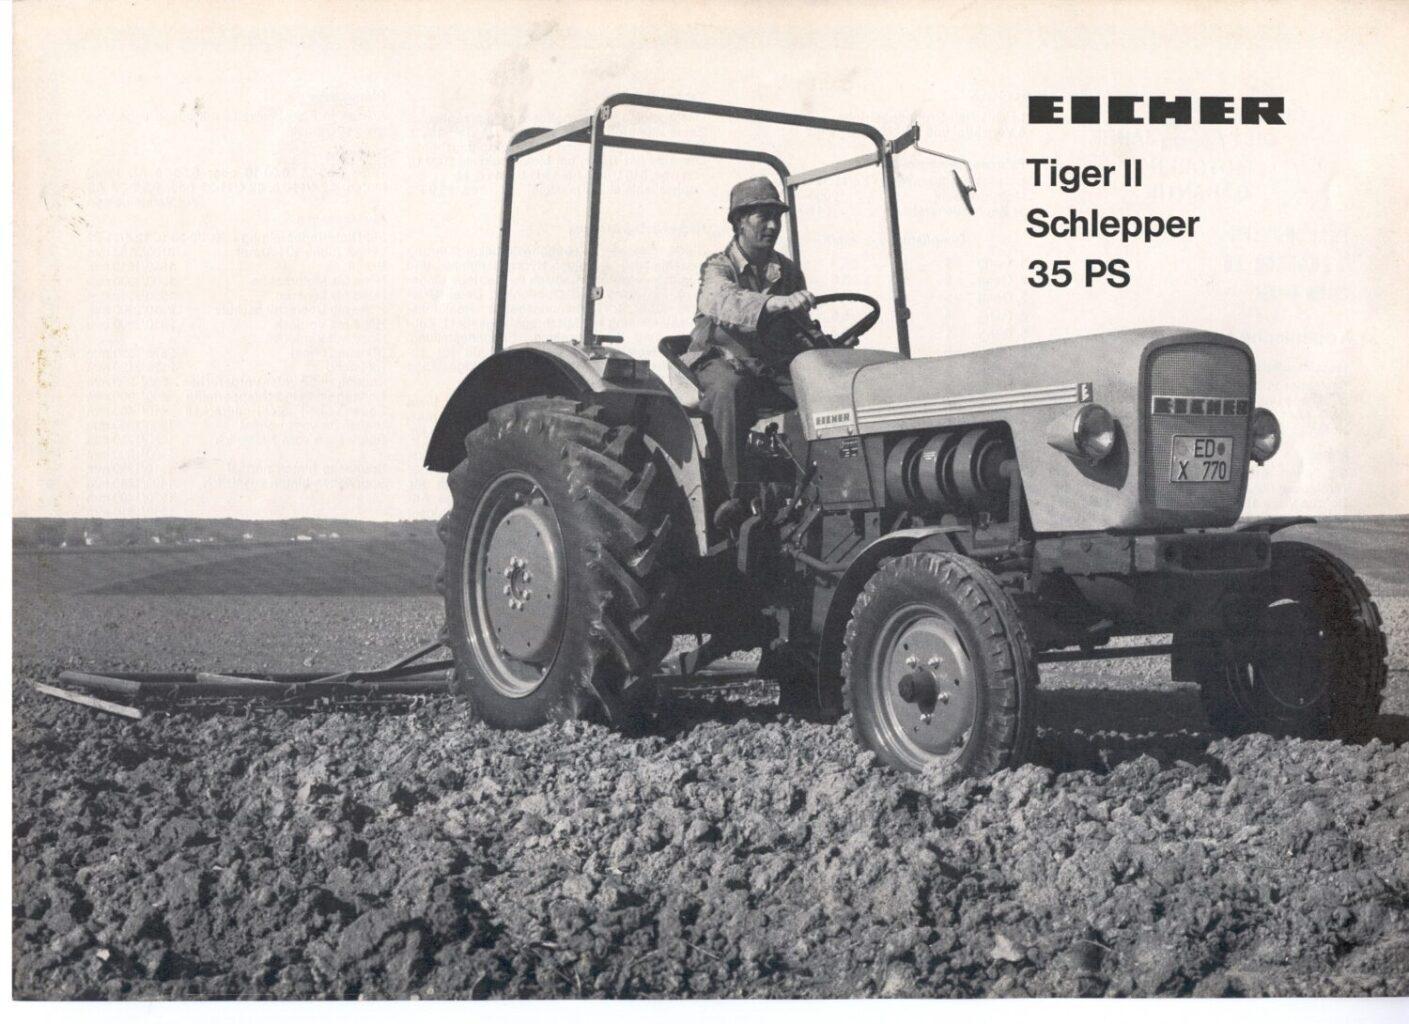 Eicher Tiger II HS